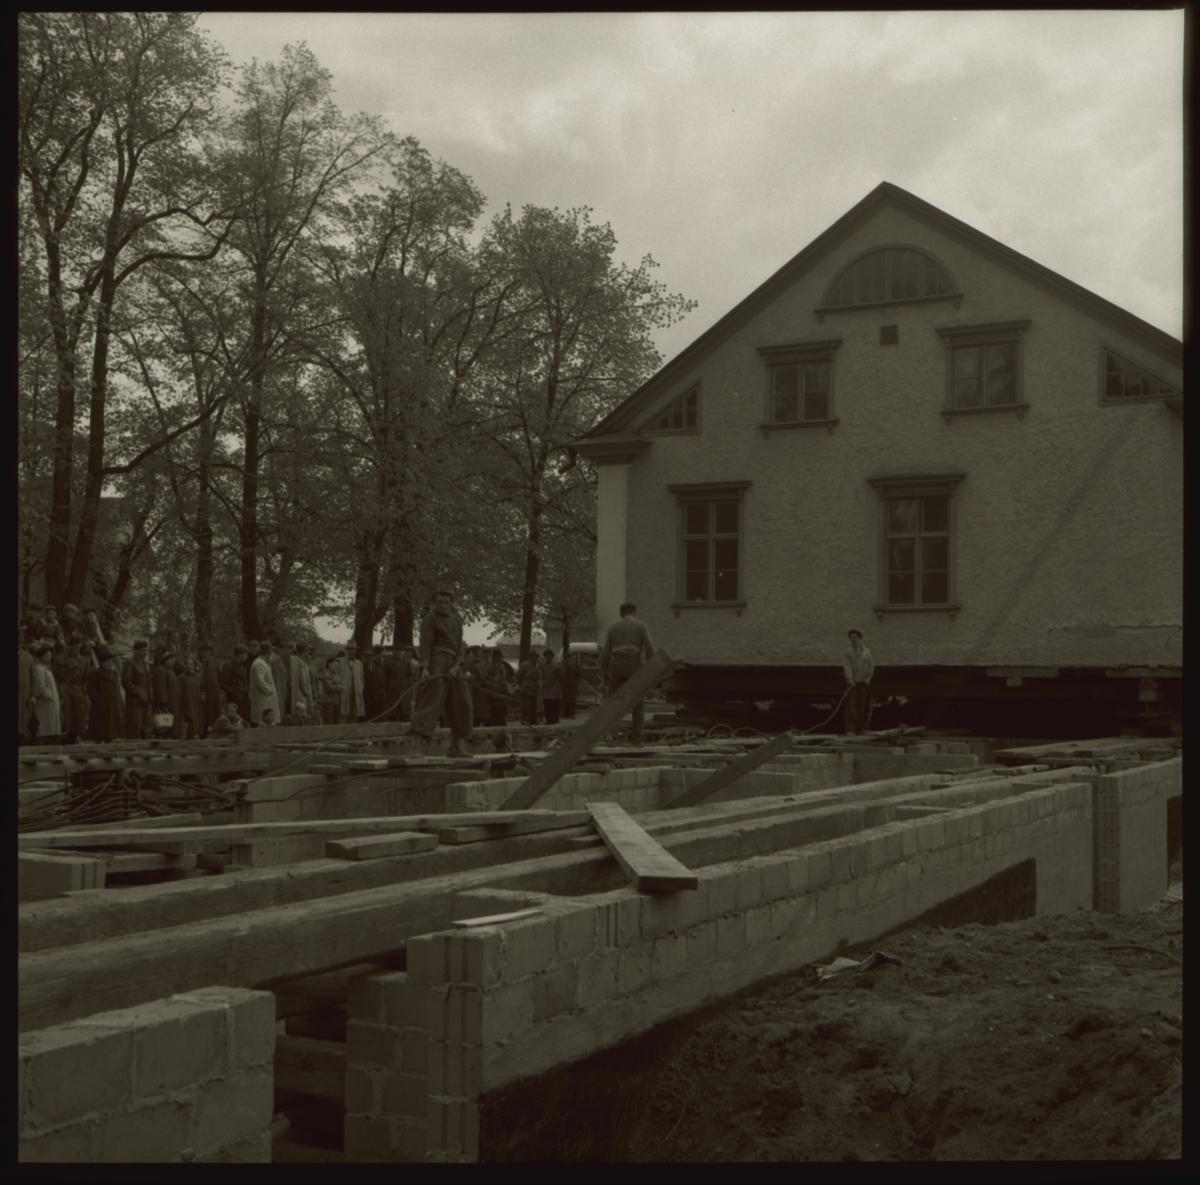 Flyttning av domprostgården.Domprostgården flyttades något tiotal meter mot norr för att möjlliggöra Storgatans breddning. Gården blev domprostgård i slutet av 1800-talet och äganderätten skulle överföras från staden till församlingen, detta fullföljdes inte förrän i april 1952. Landskamreraren J O Hertzman uppförde byggnaden i början av 1800-talet. Gården har ägts av olika tjänstemän, mellan 1863-1890 tillhörde gården familjen Lagerfelt på Gismestad. Först 1897 blev den domprostgård och var boställe för stiftets domprostar fram till 1992.